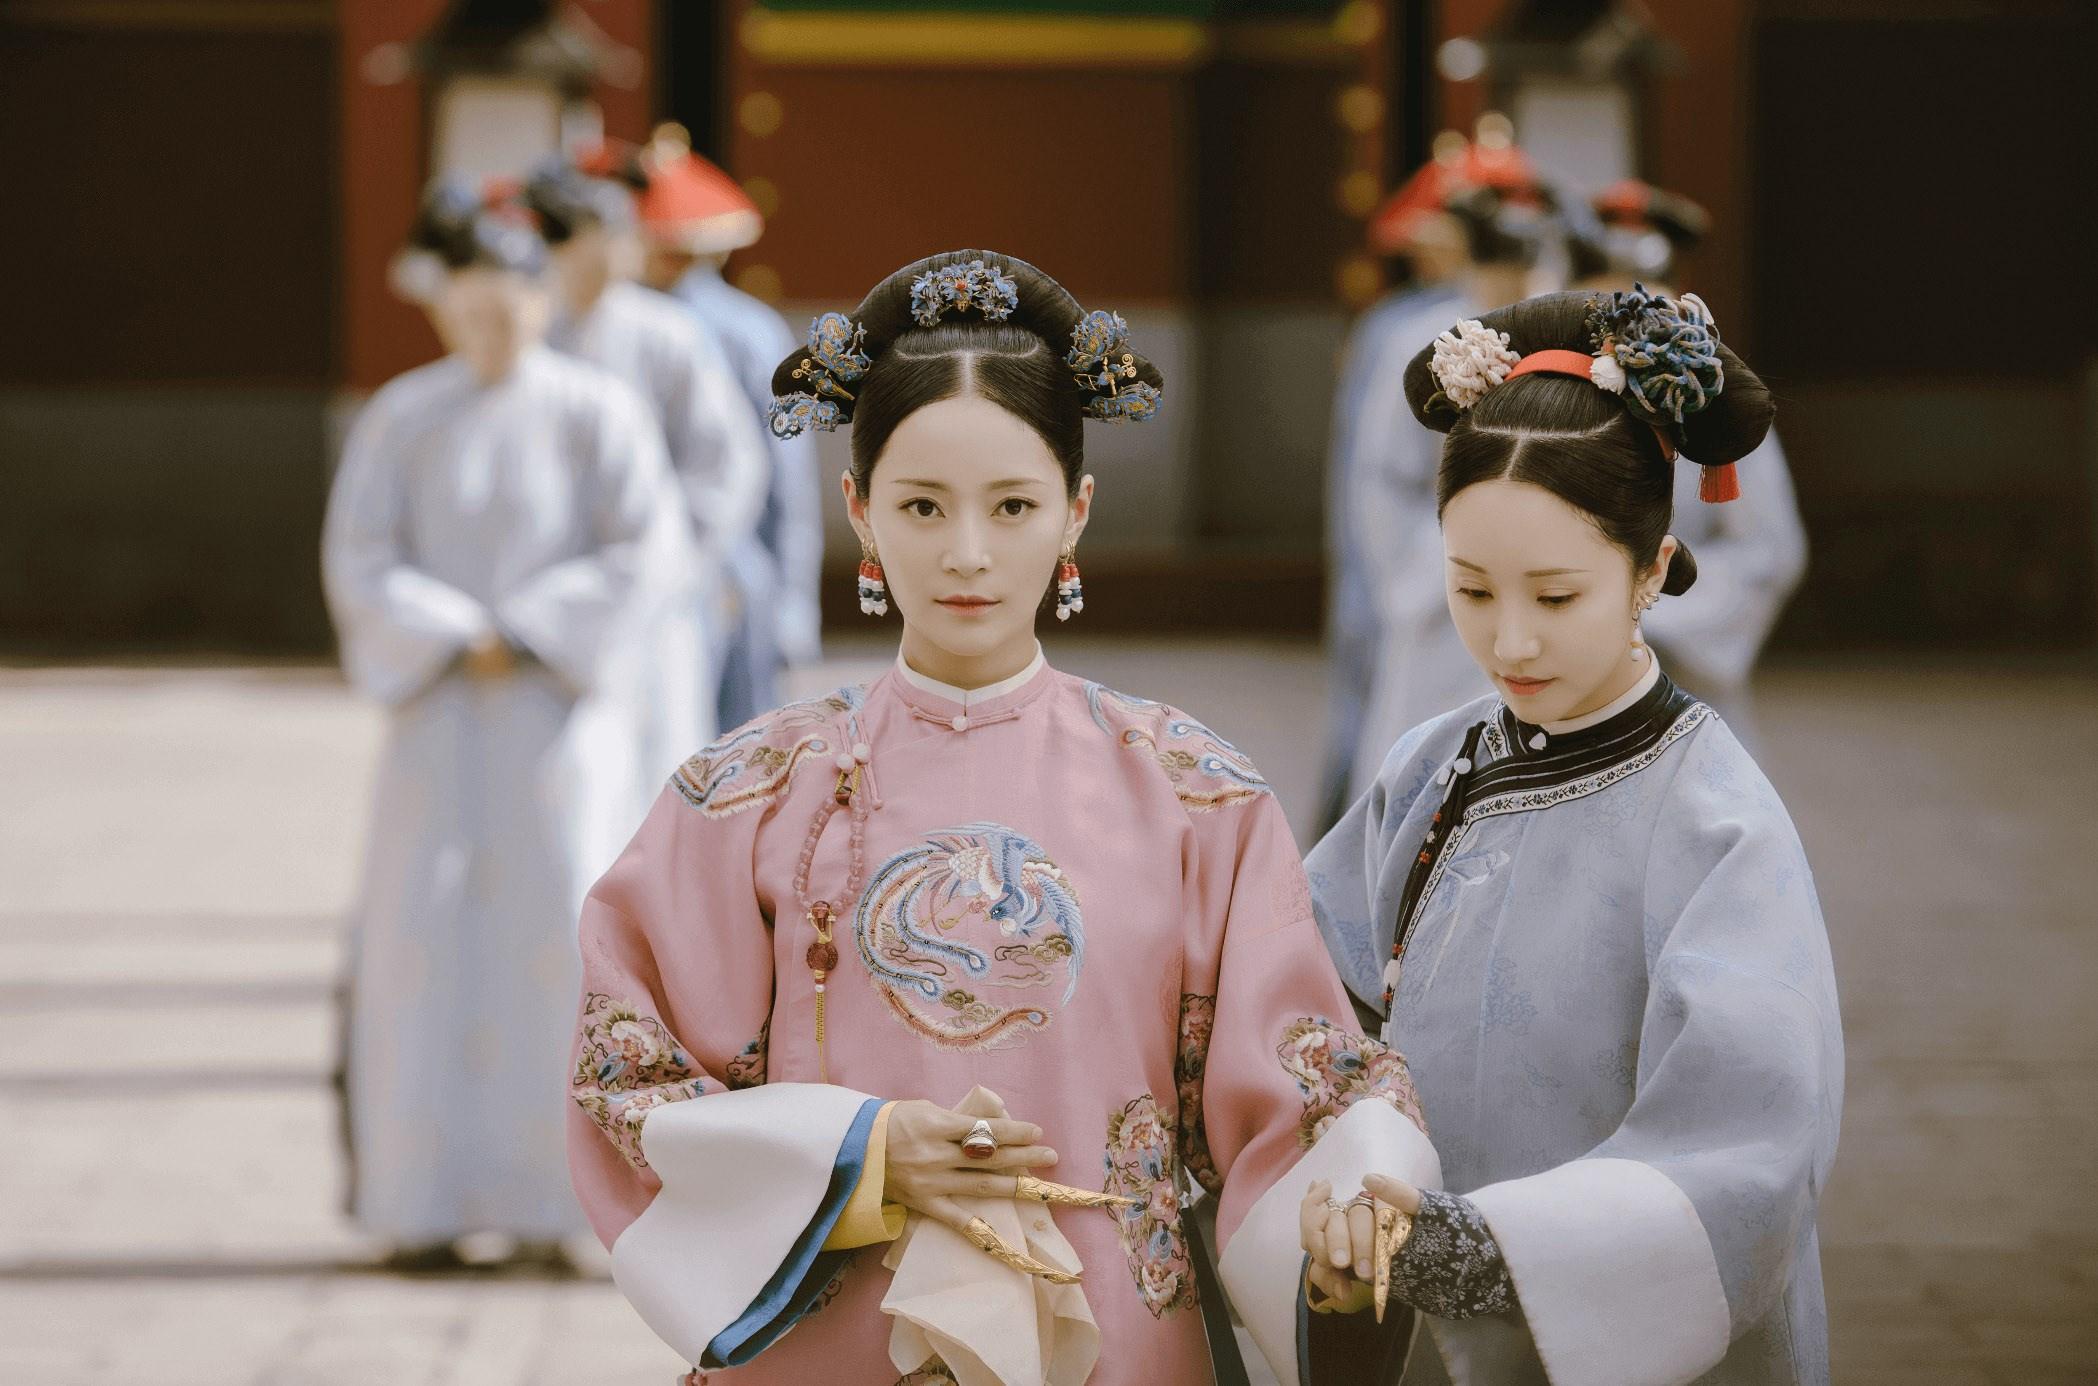 《延禧攻略》乾小四宠妻升级 璎珞花式撩汉喜提令妃